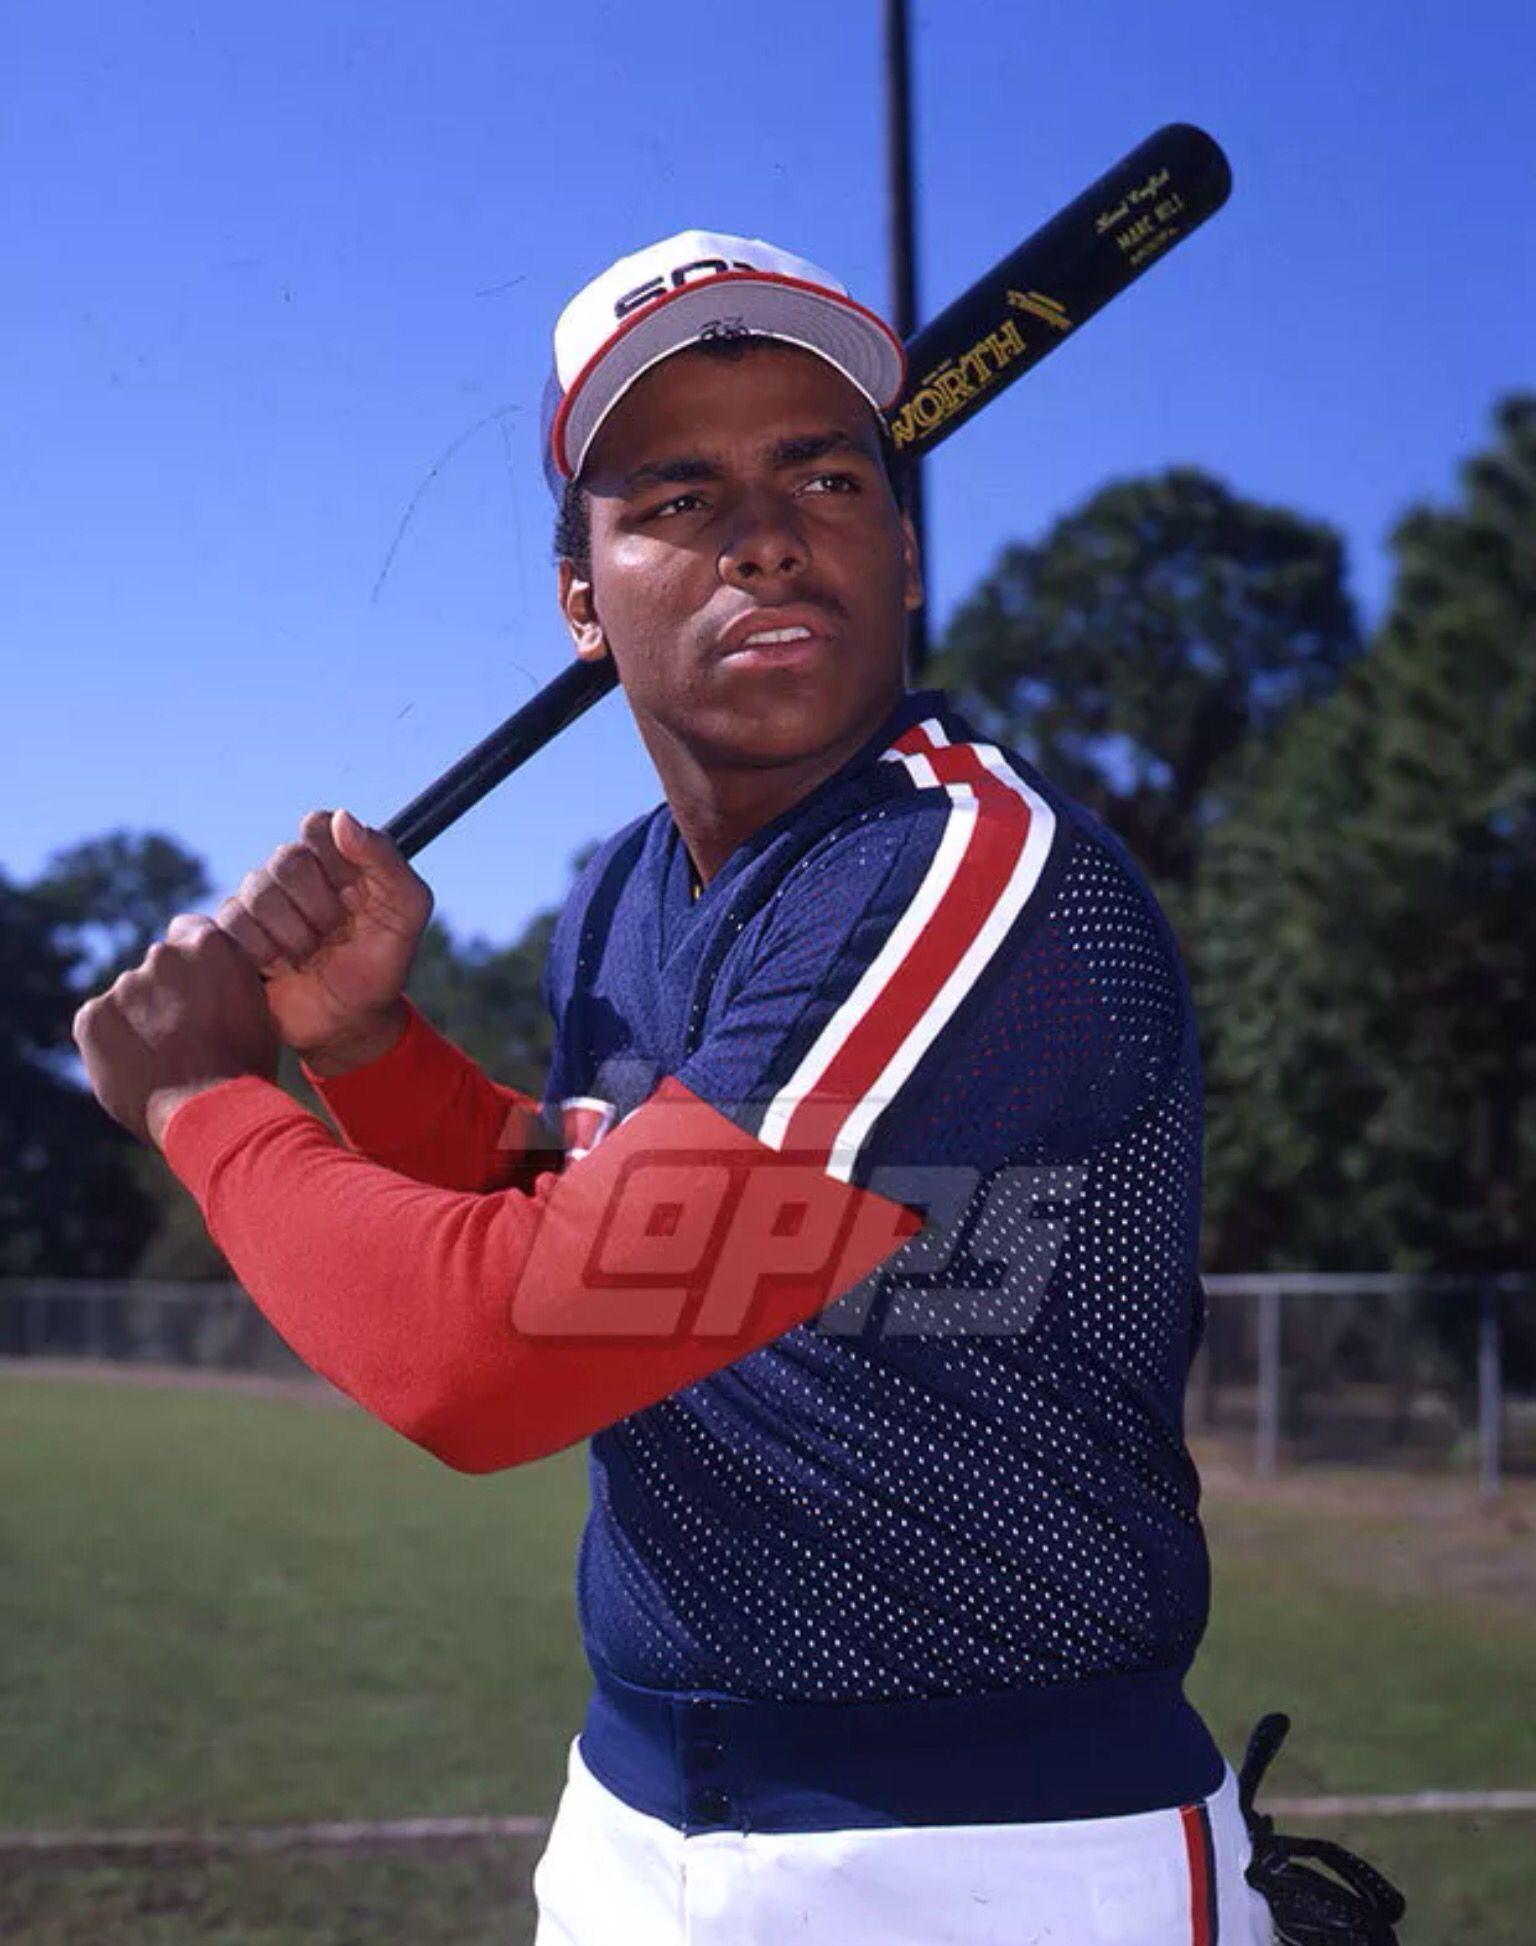 Bobby Bonilla White sox baseball, Mlb uniforms, Chicago